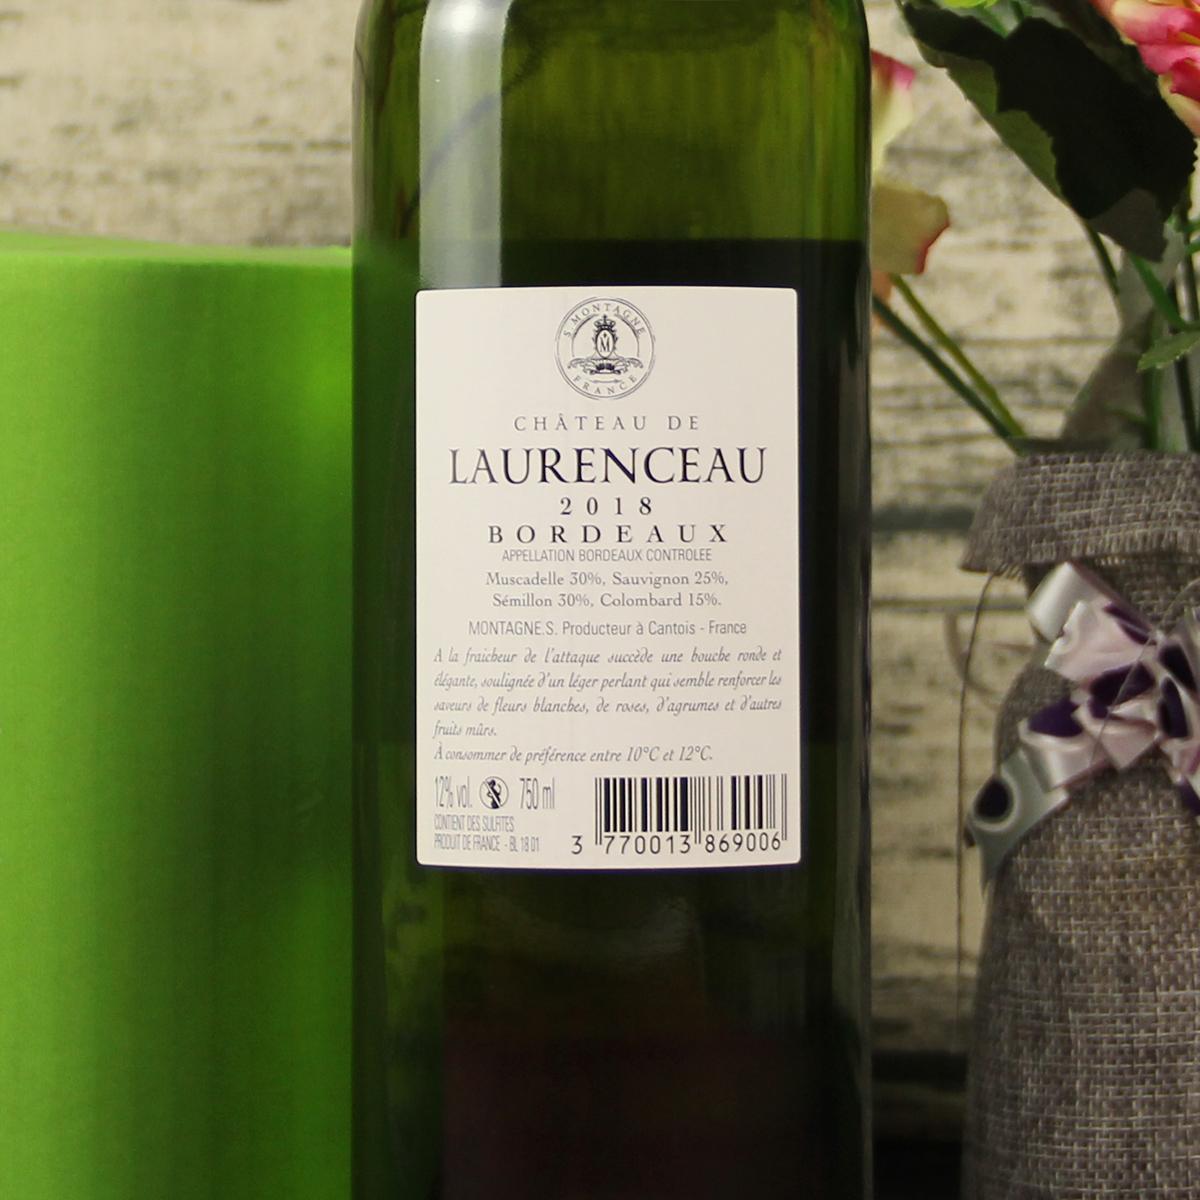 法国波尔多法定产区上伯诺日诺朗索庄园混酿1号AOC干白葡萄酒